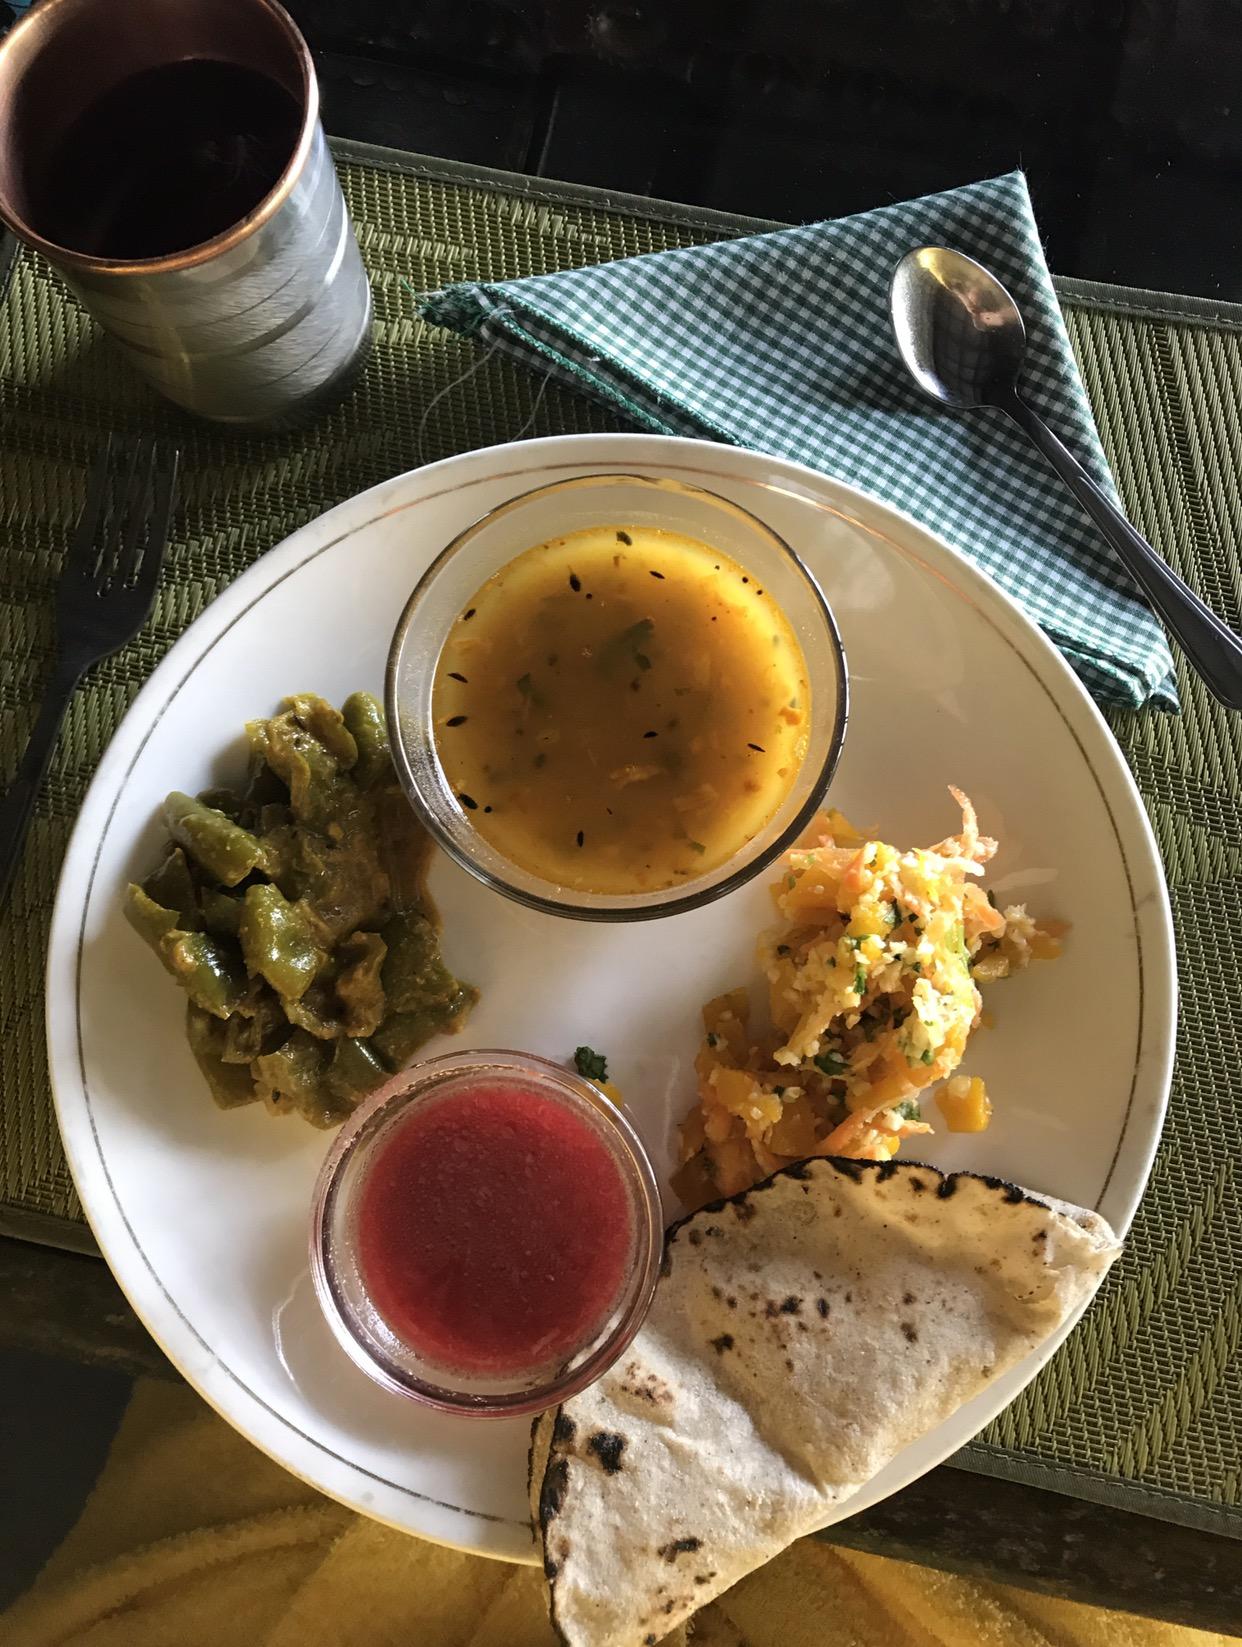 Mój Dwutygodniowy Pobyt W Indiach Dla Zdrowia Październik